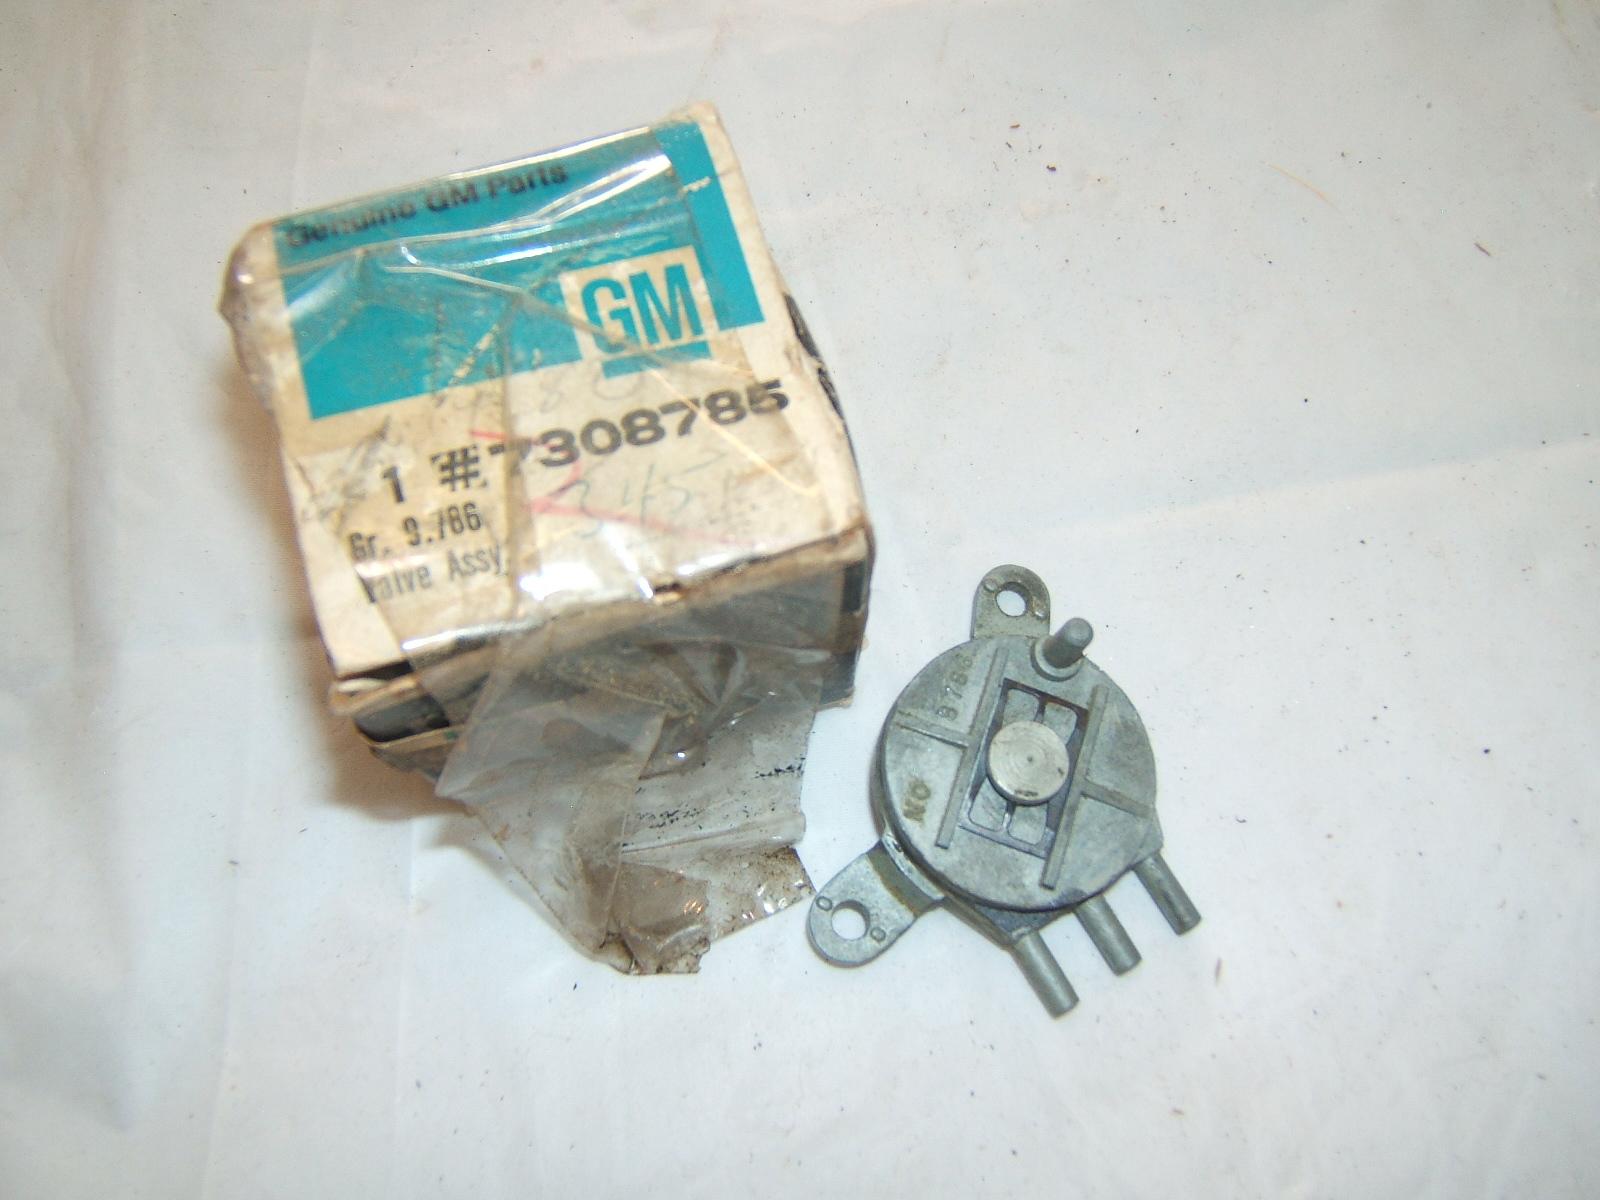 1968 Chevrolet truck AC vacuum control NOS 7308785 (a 7308785)